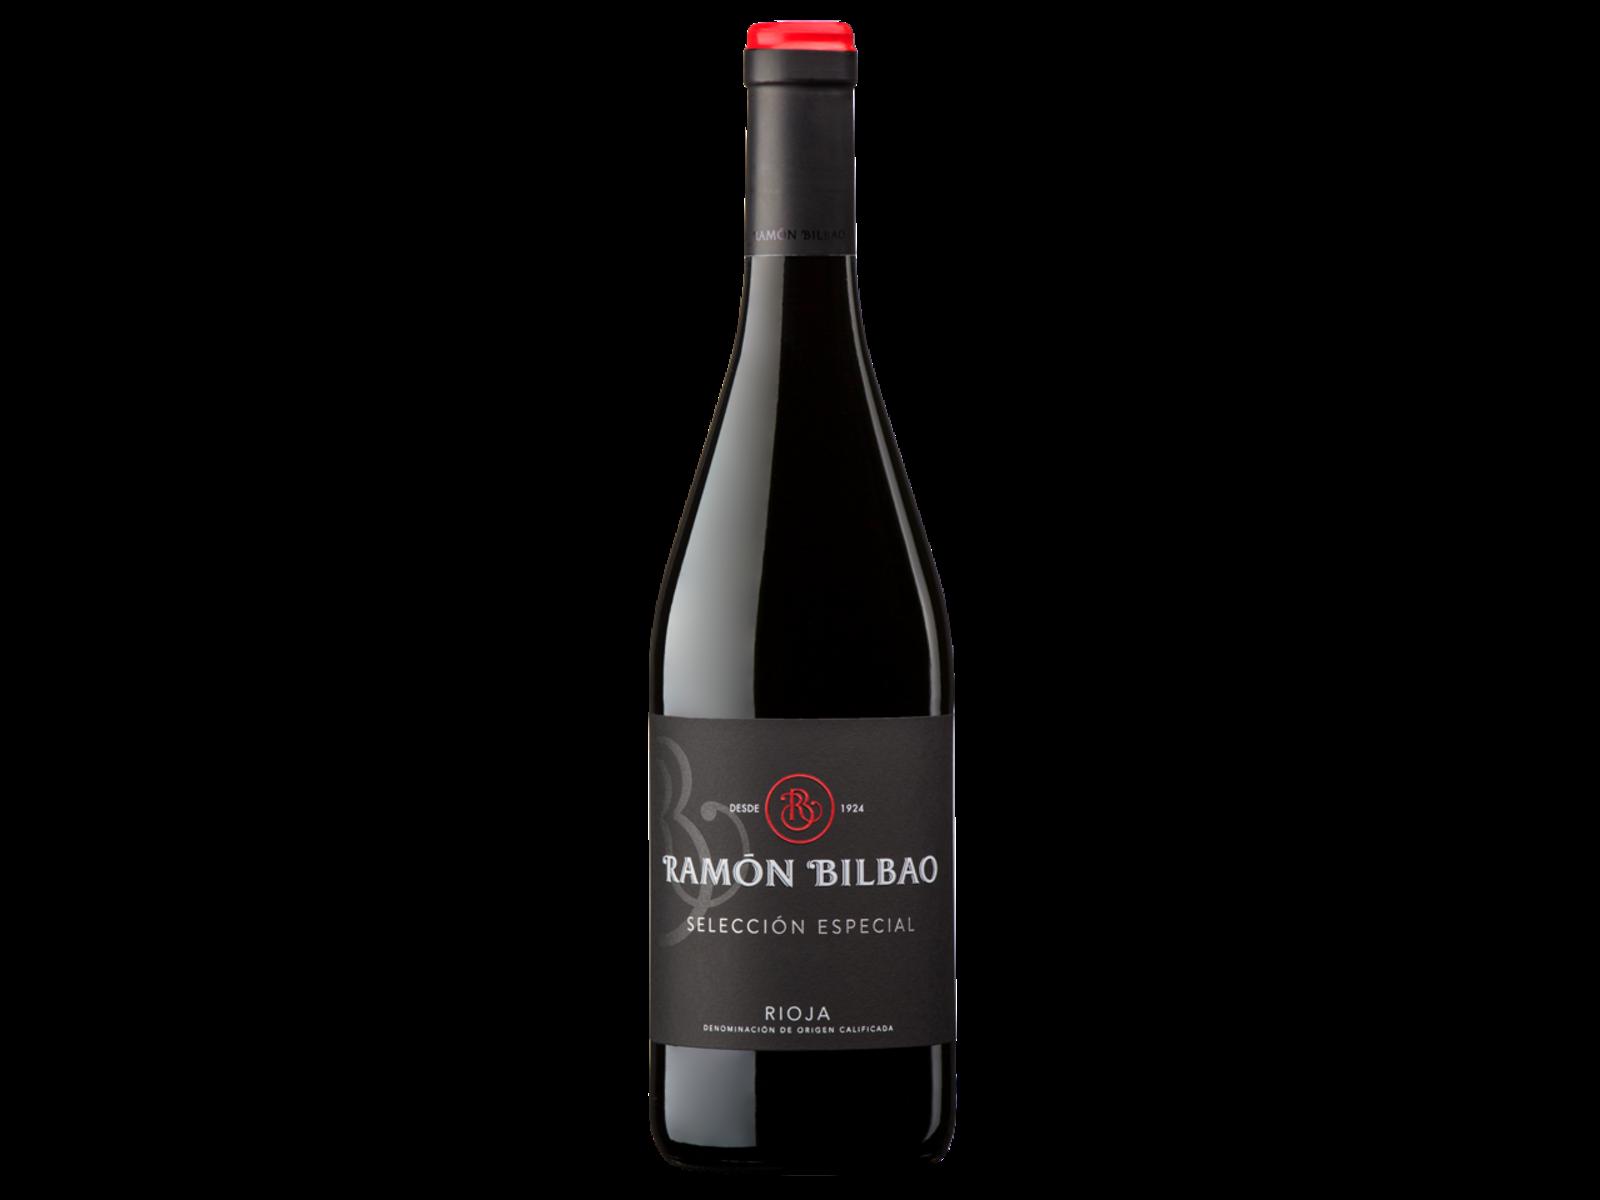 Bodegas Ramon Bilbao Ramon Bilbao / Seleccion Especial